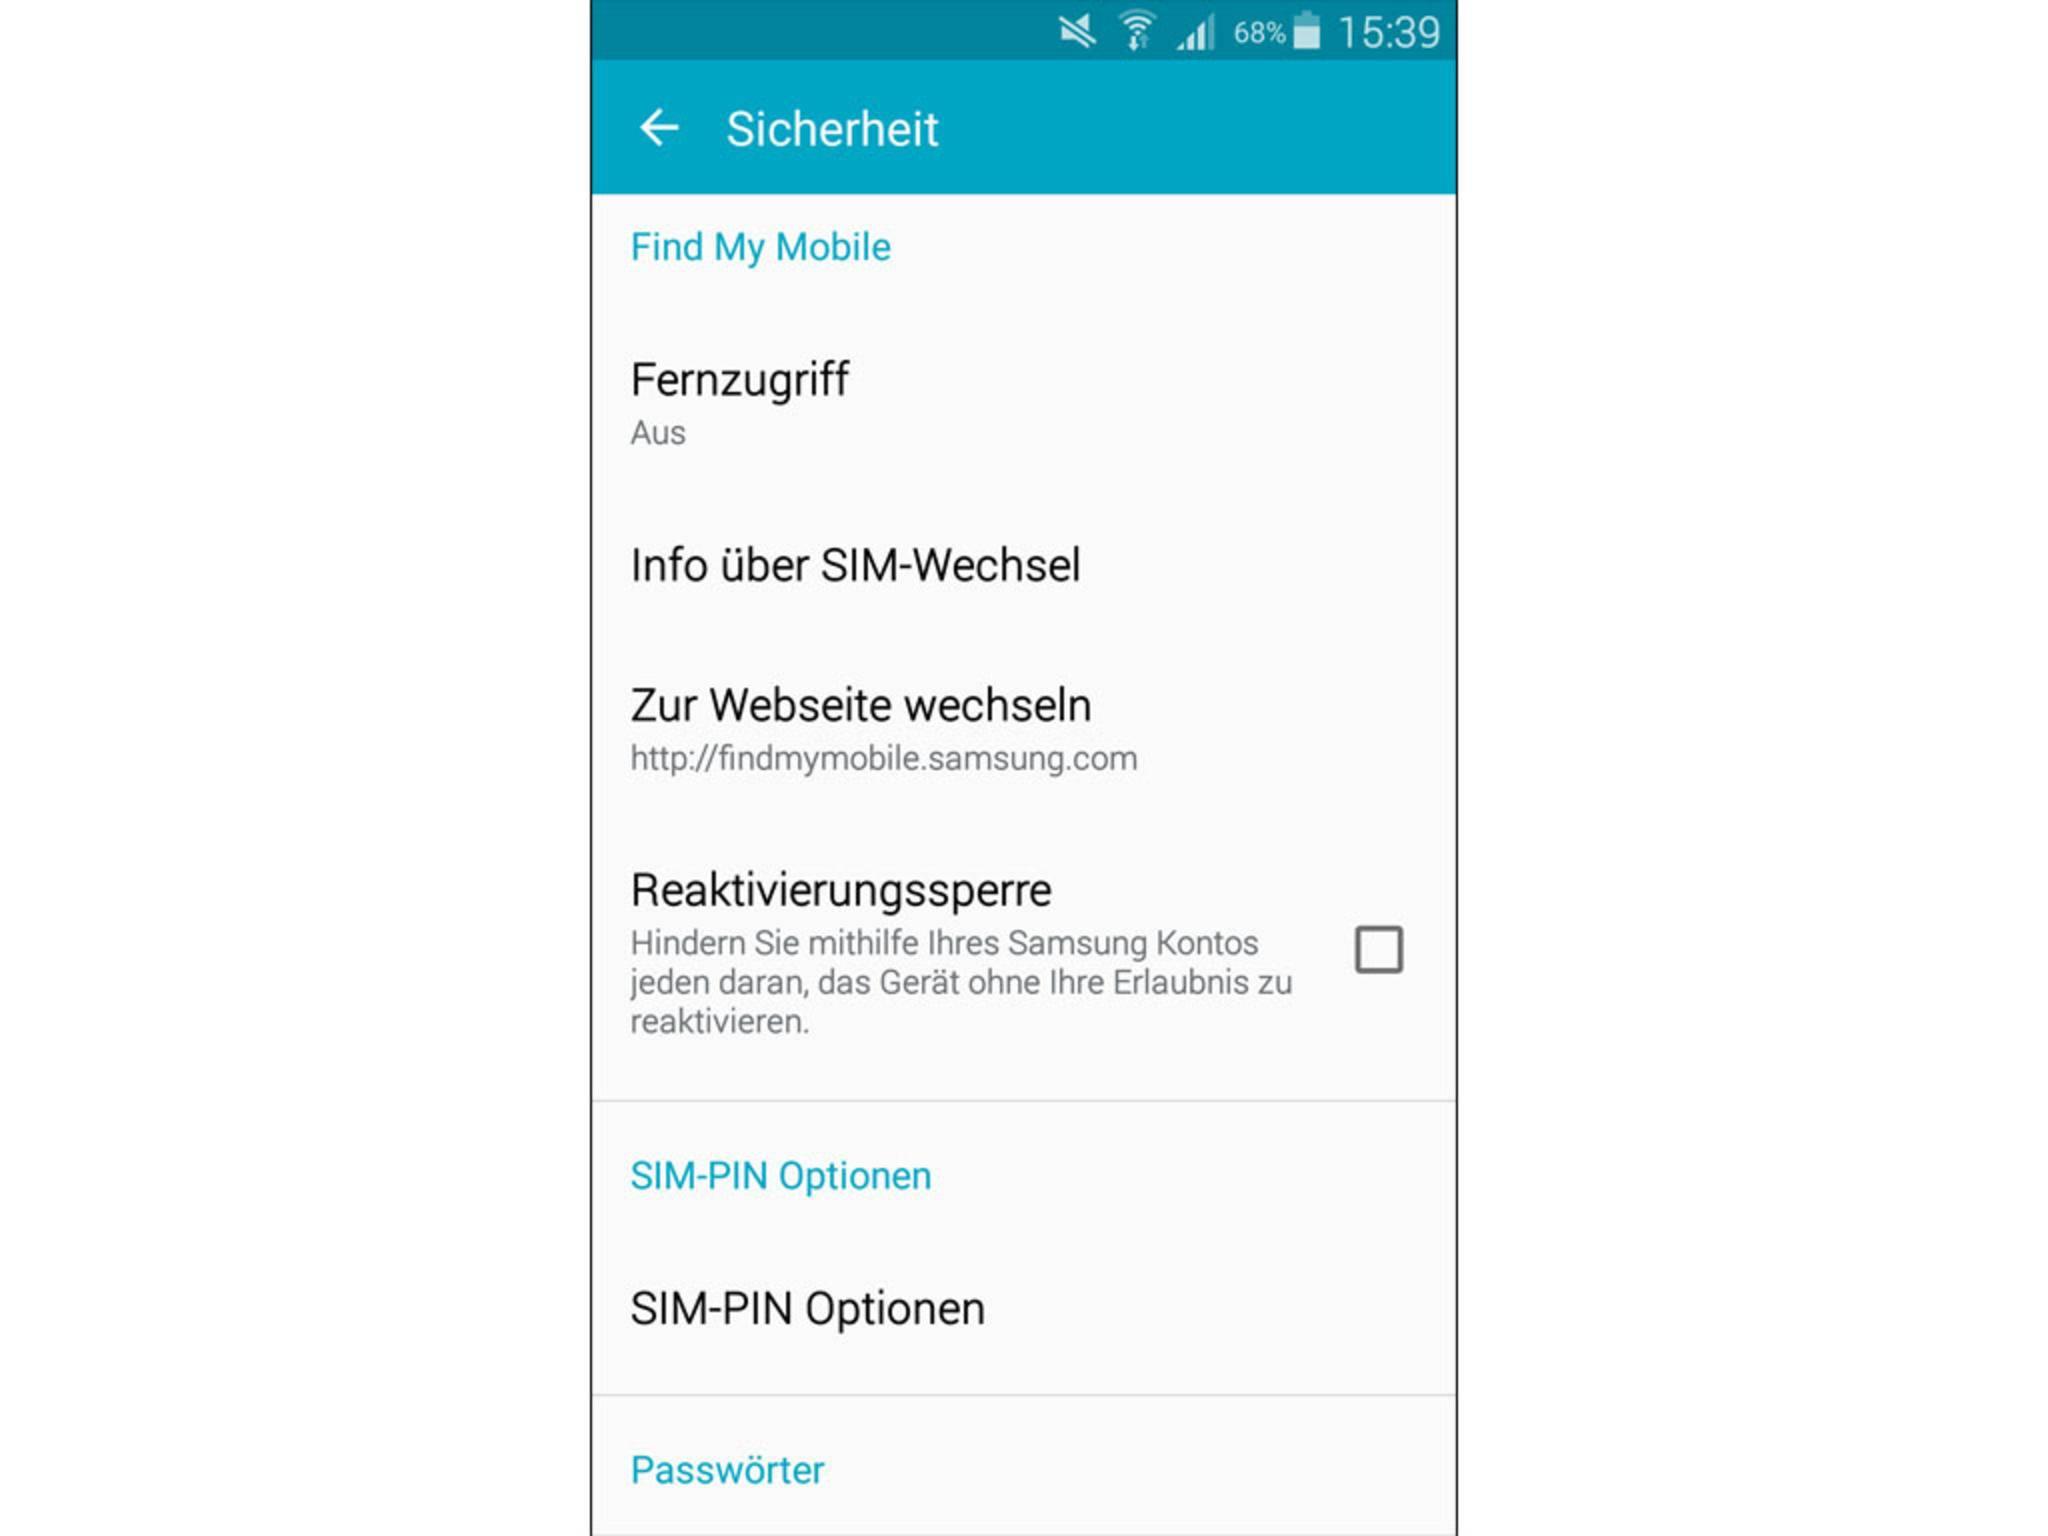 Samsung Galaxy S5 orten Fernzugriff einrichten 1